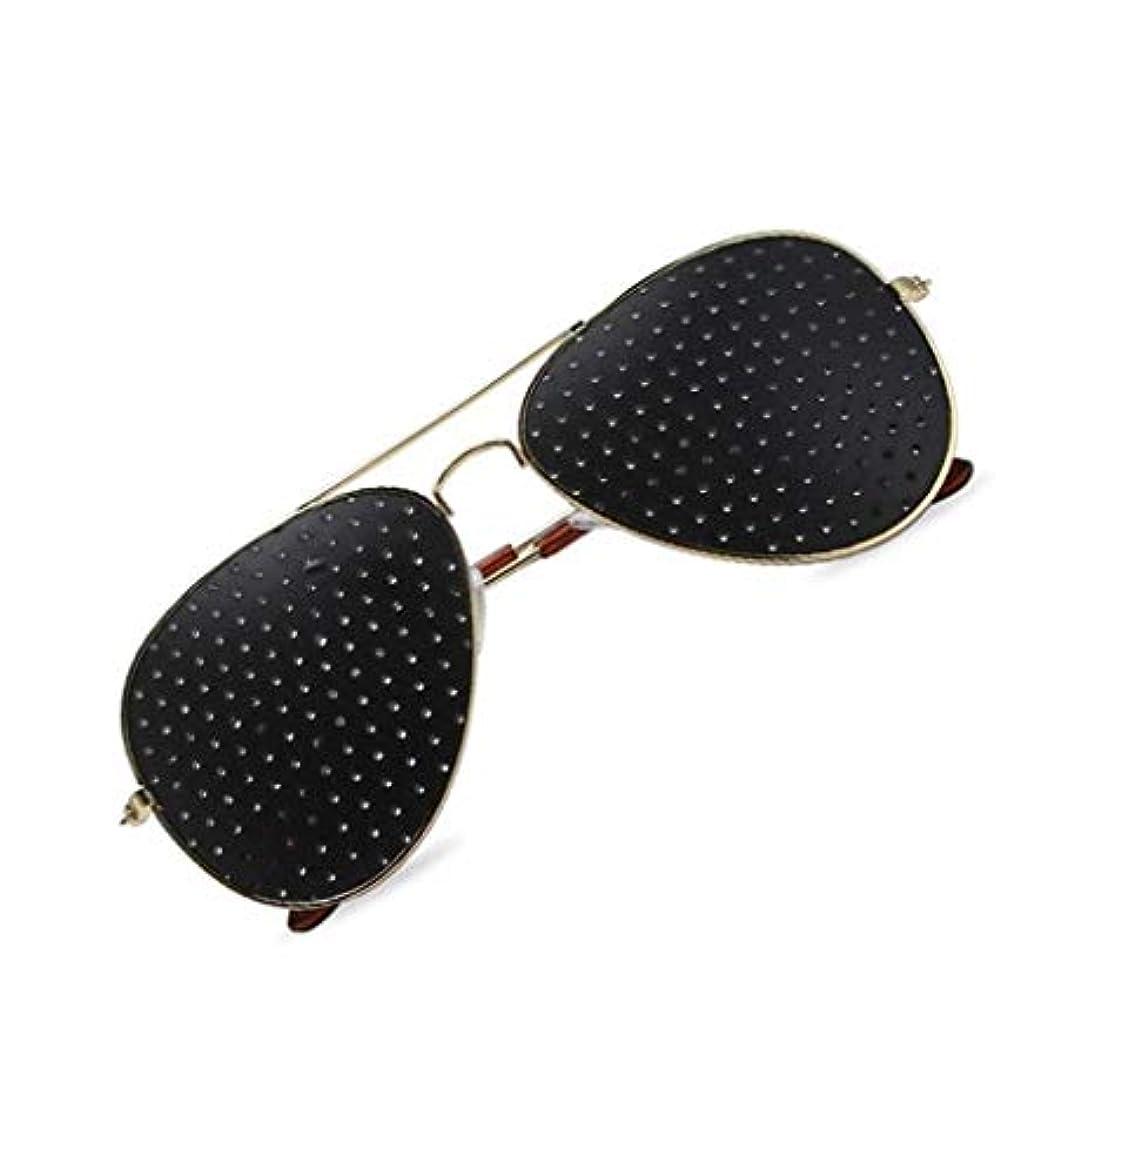 できるヤング口述ピンホールメガネ、視力矯正メガネ網状視力保護メガネ耐疲労性メガネ近視の防止メガネの改善